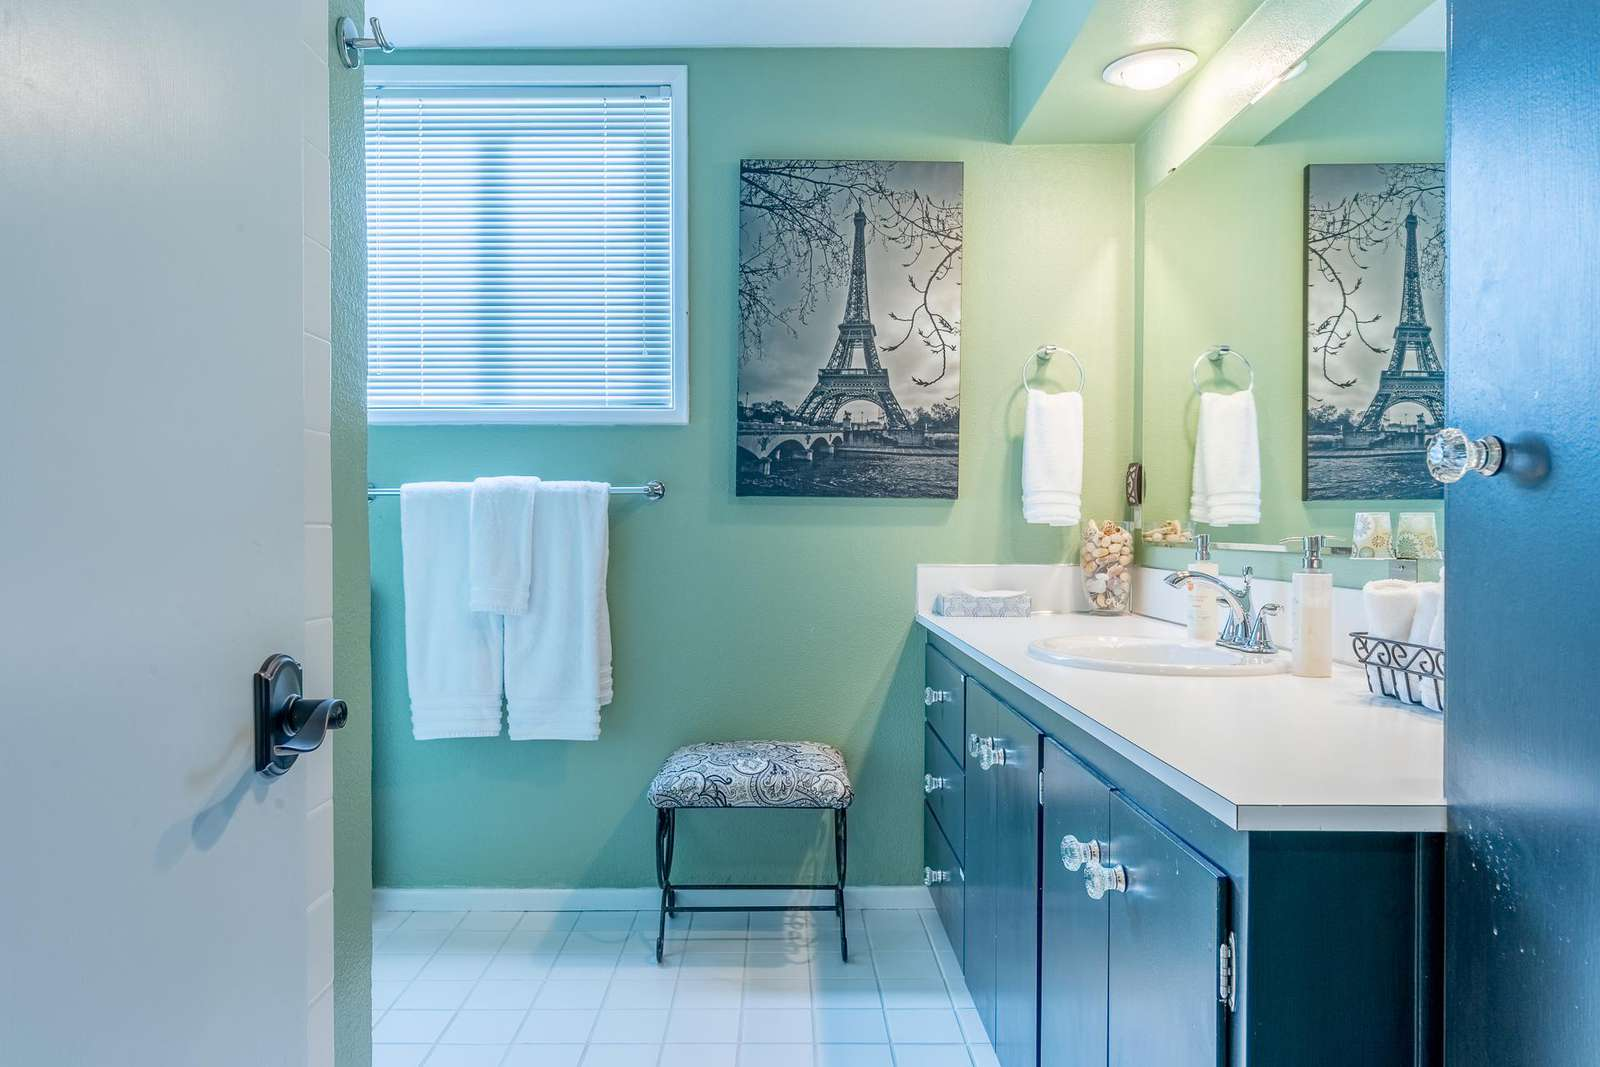 One spacious bathroom